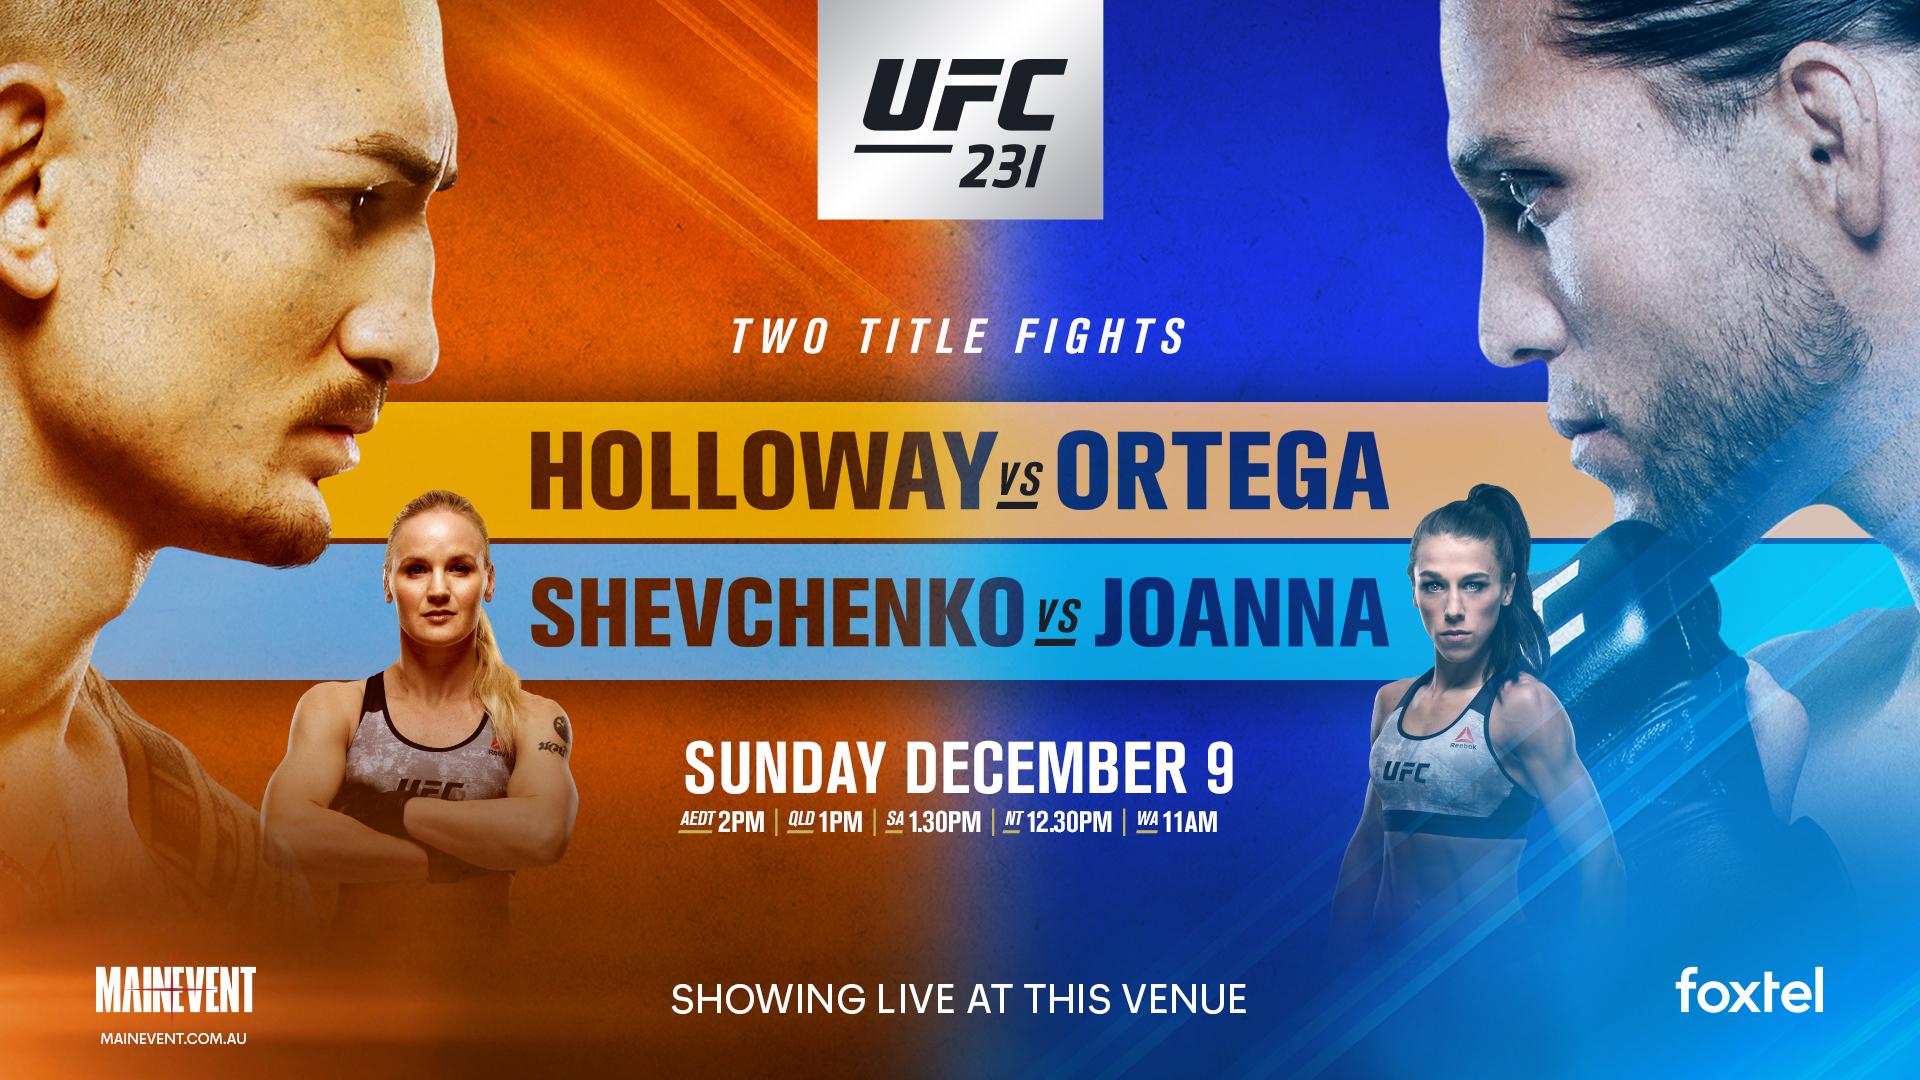 UFC231 FOXSPORTS 16x9 hori   Homestead Tavern 1920x1080